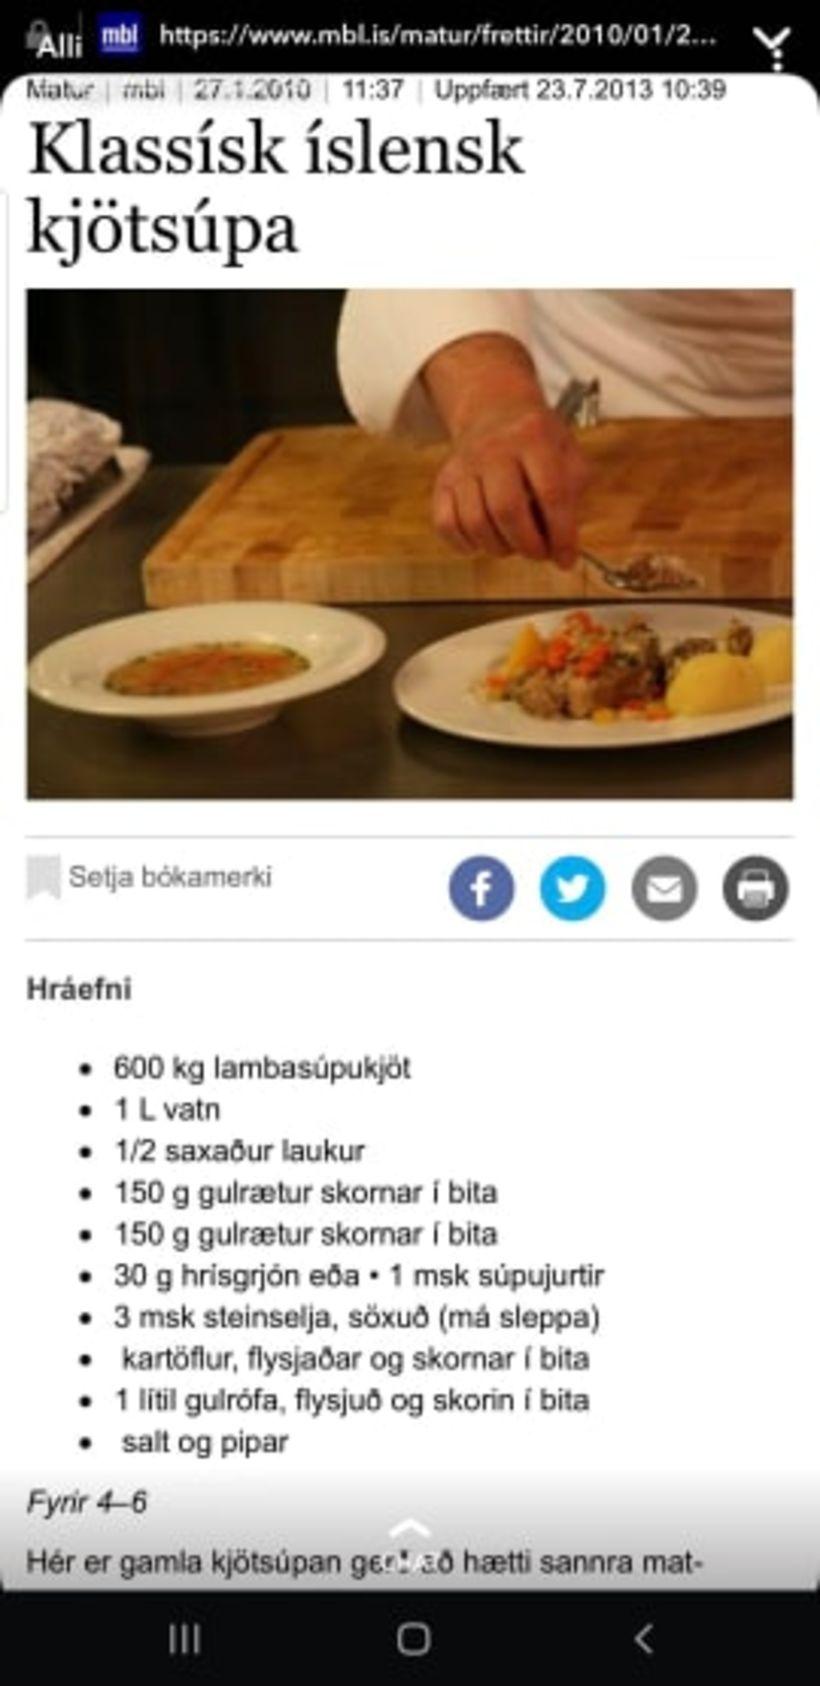 Hér sést villan vel ef að er gáð.